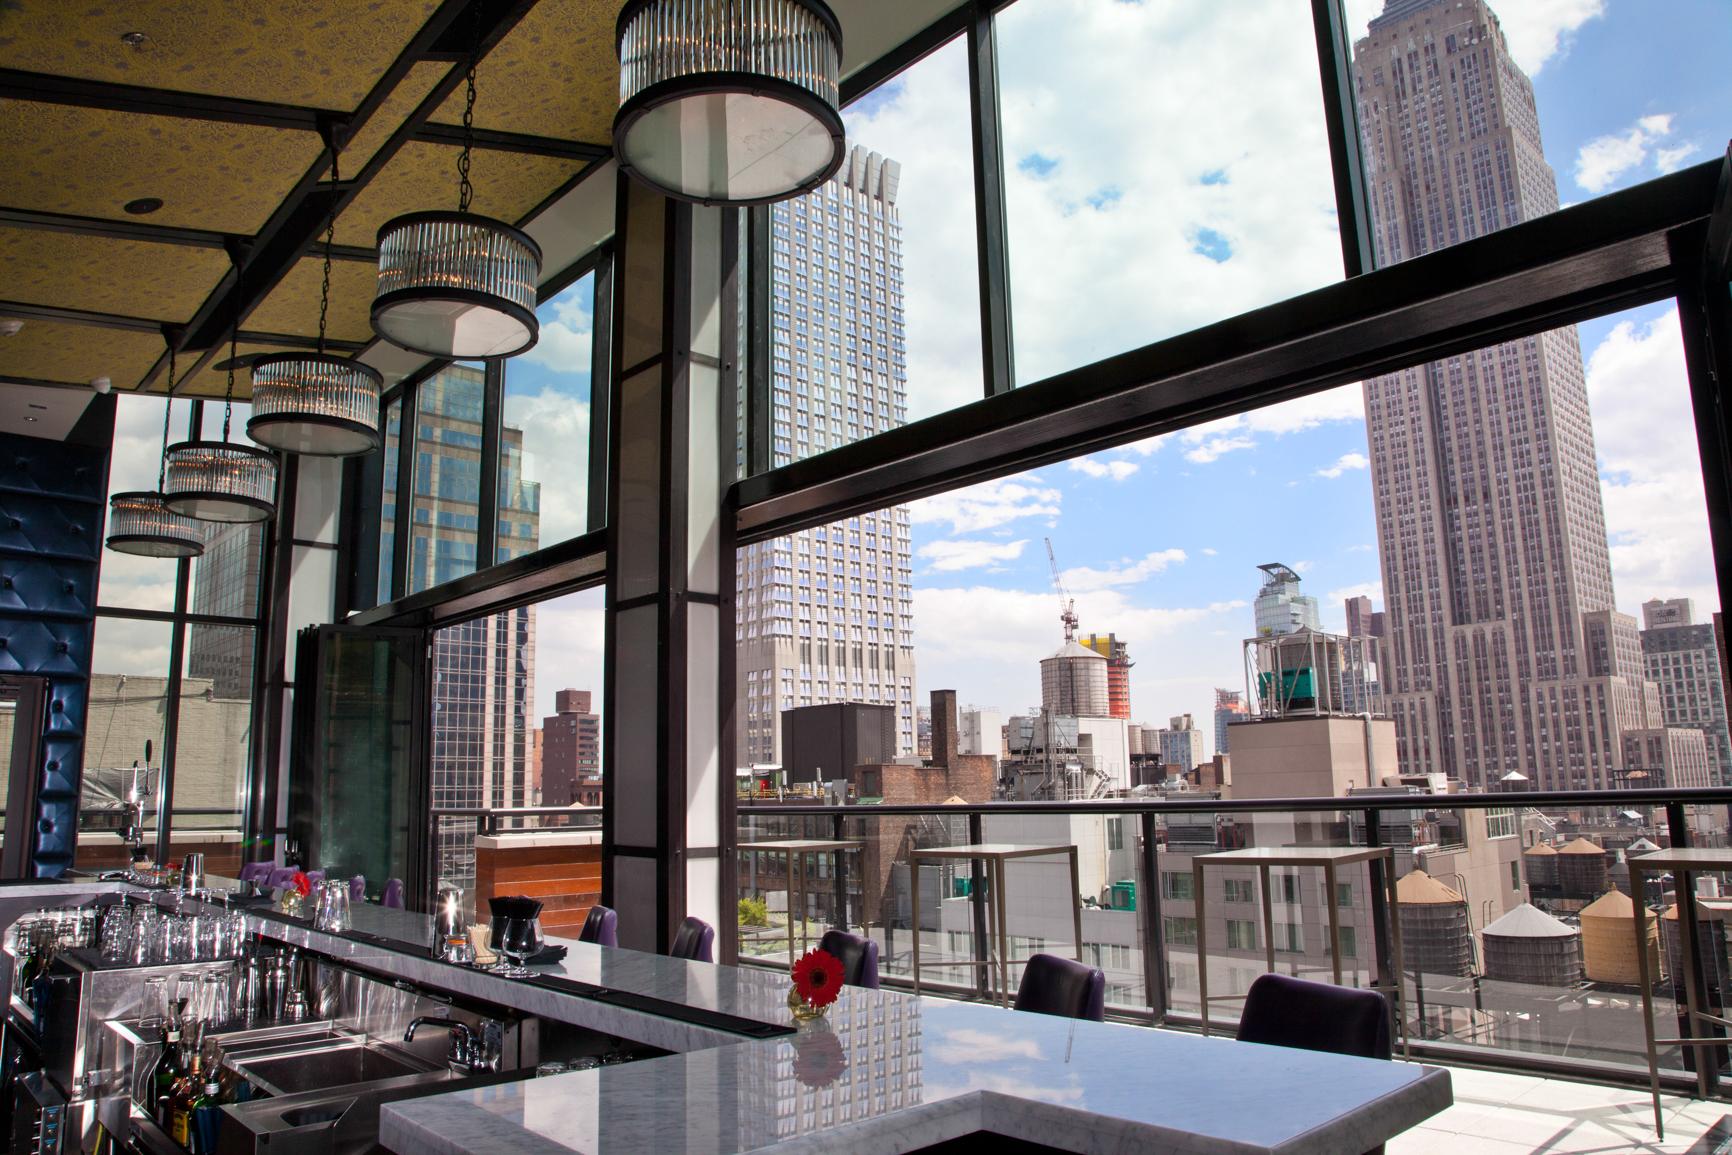 Steak Restaurants Near Empire State Building